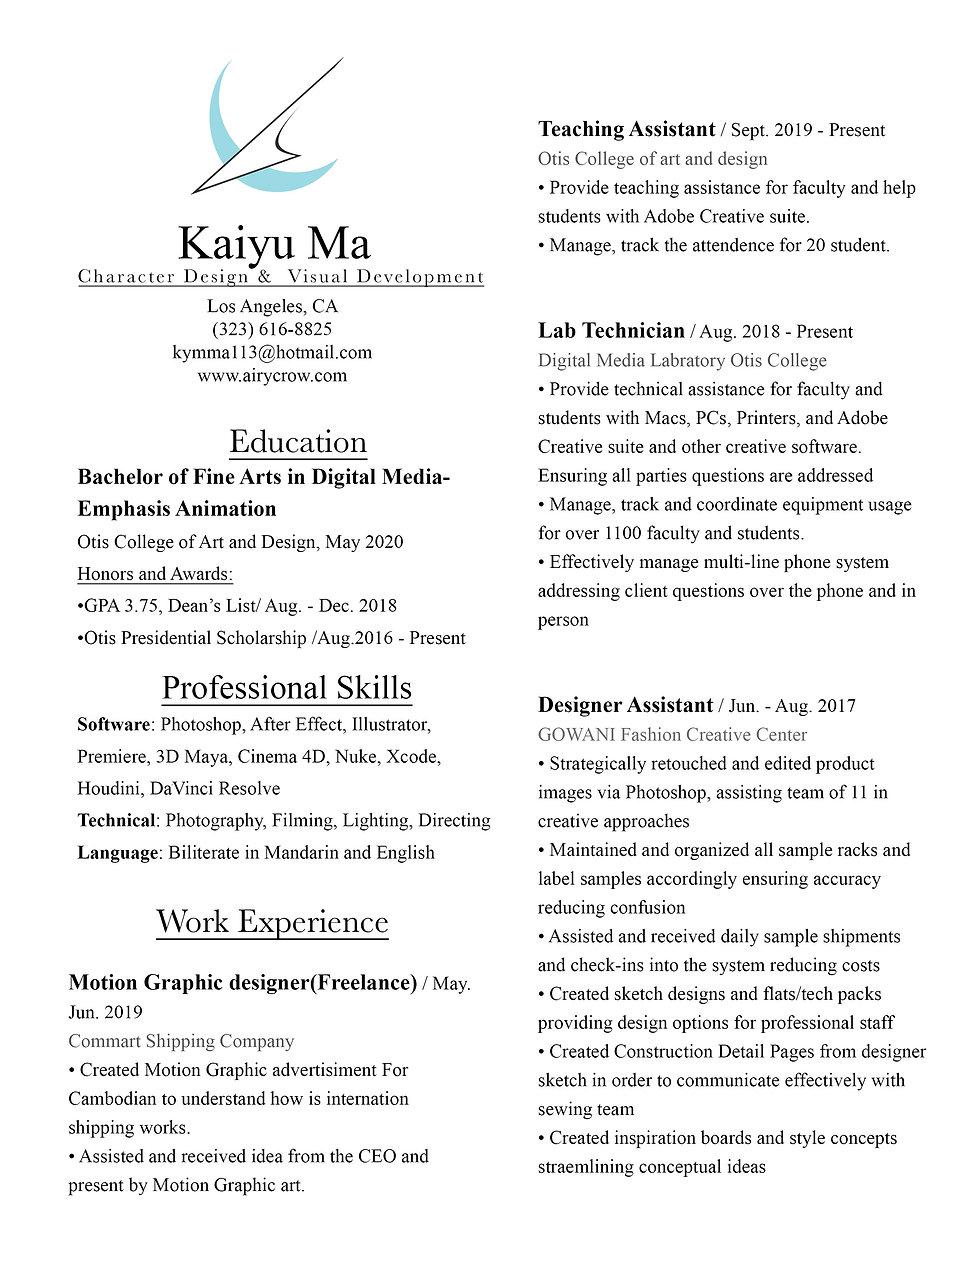 KaiyuMa Resume.jpg